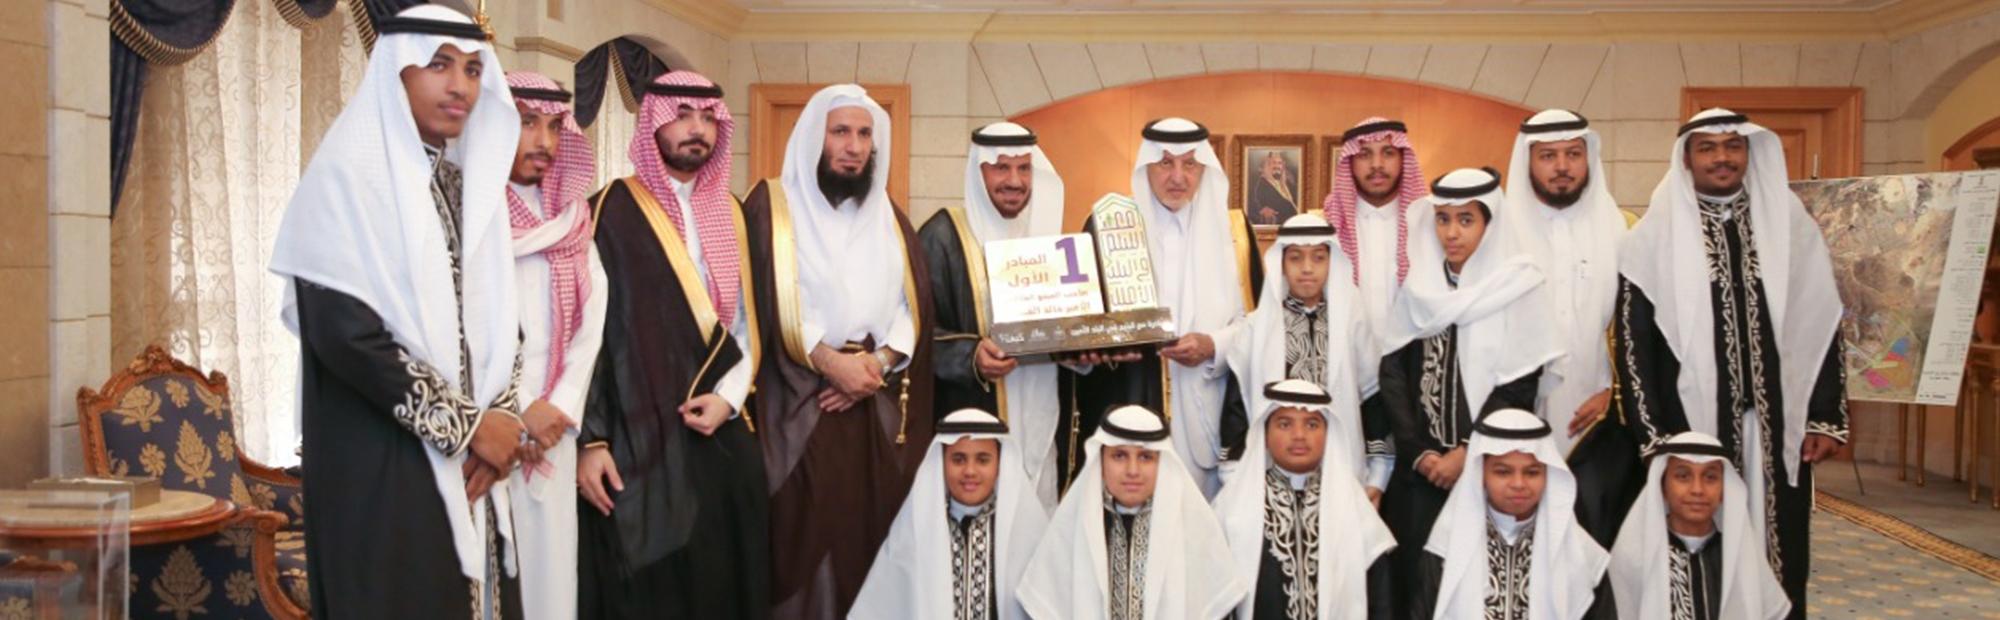 أمير منطقة مكة ونائبه يتسلمان التقرير الختامي لمبادرة مع اليتيم في البلد الأمين